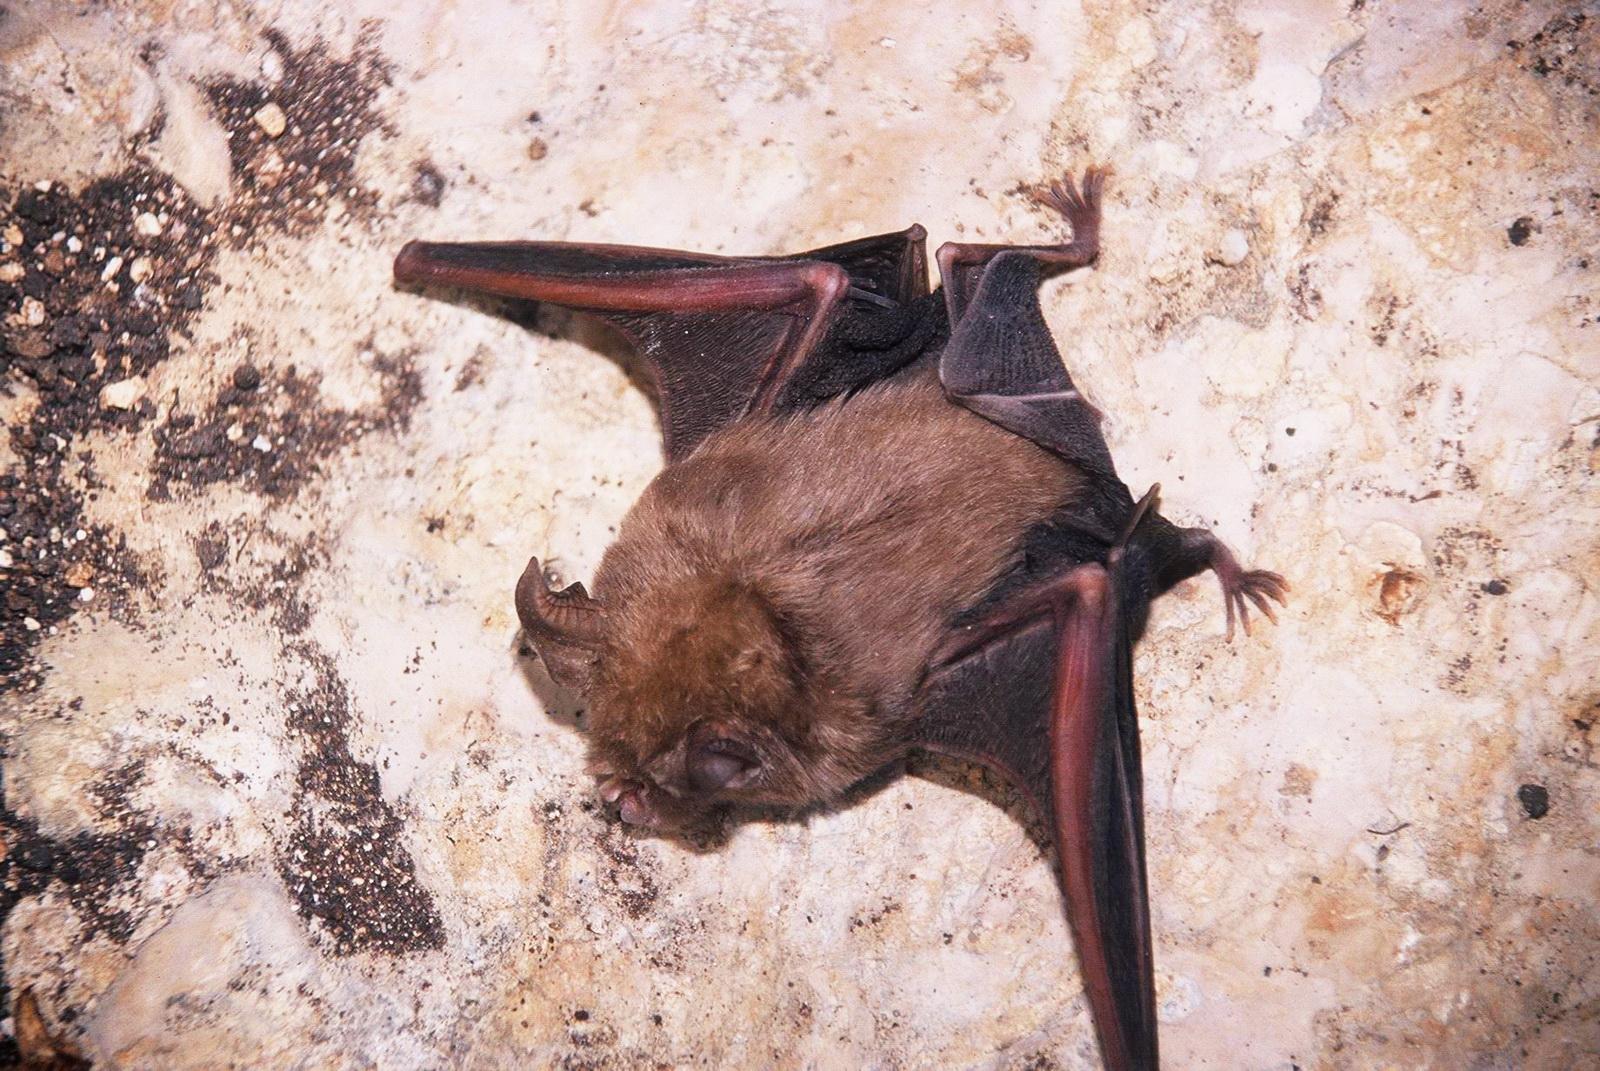 עטלף (פרספון?) כן, עטלף הוא יונק מעופף